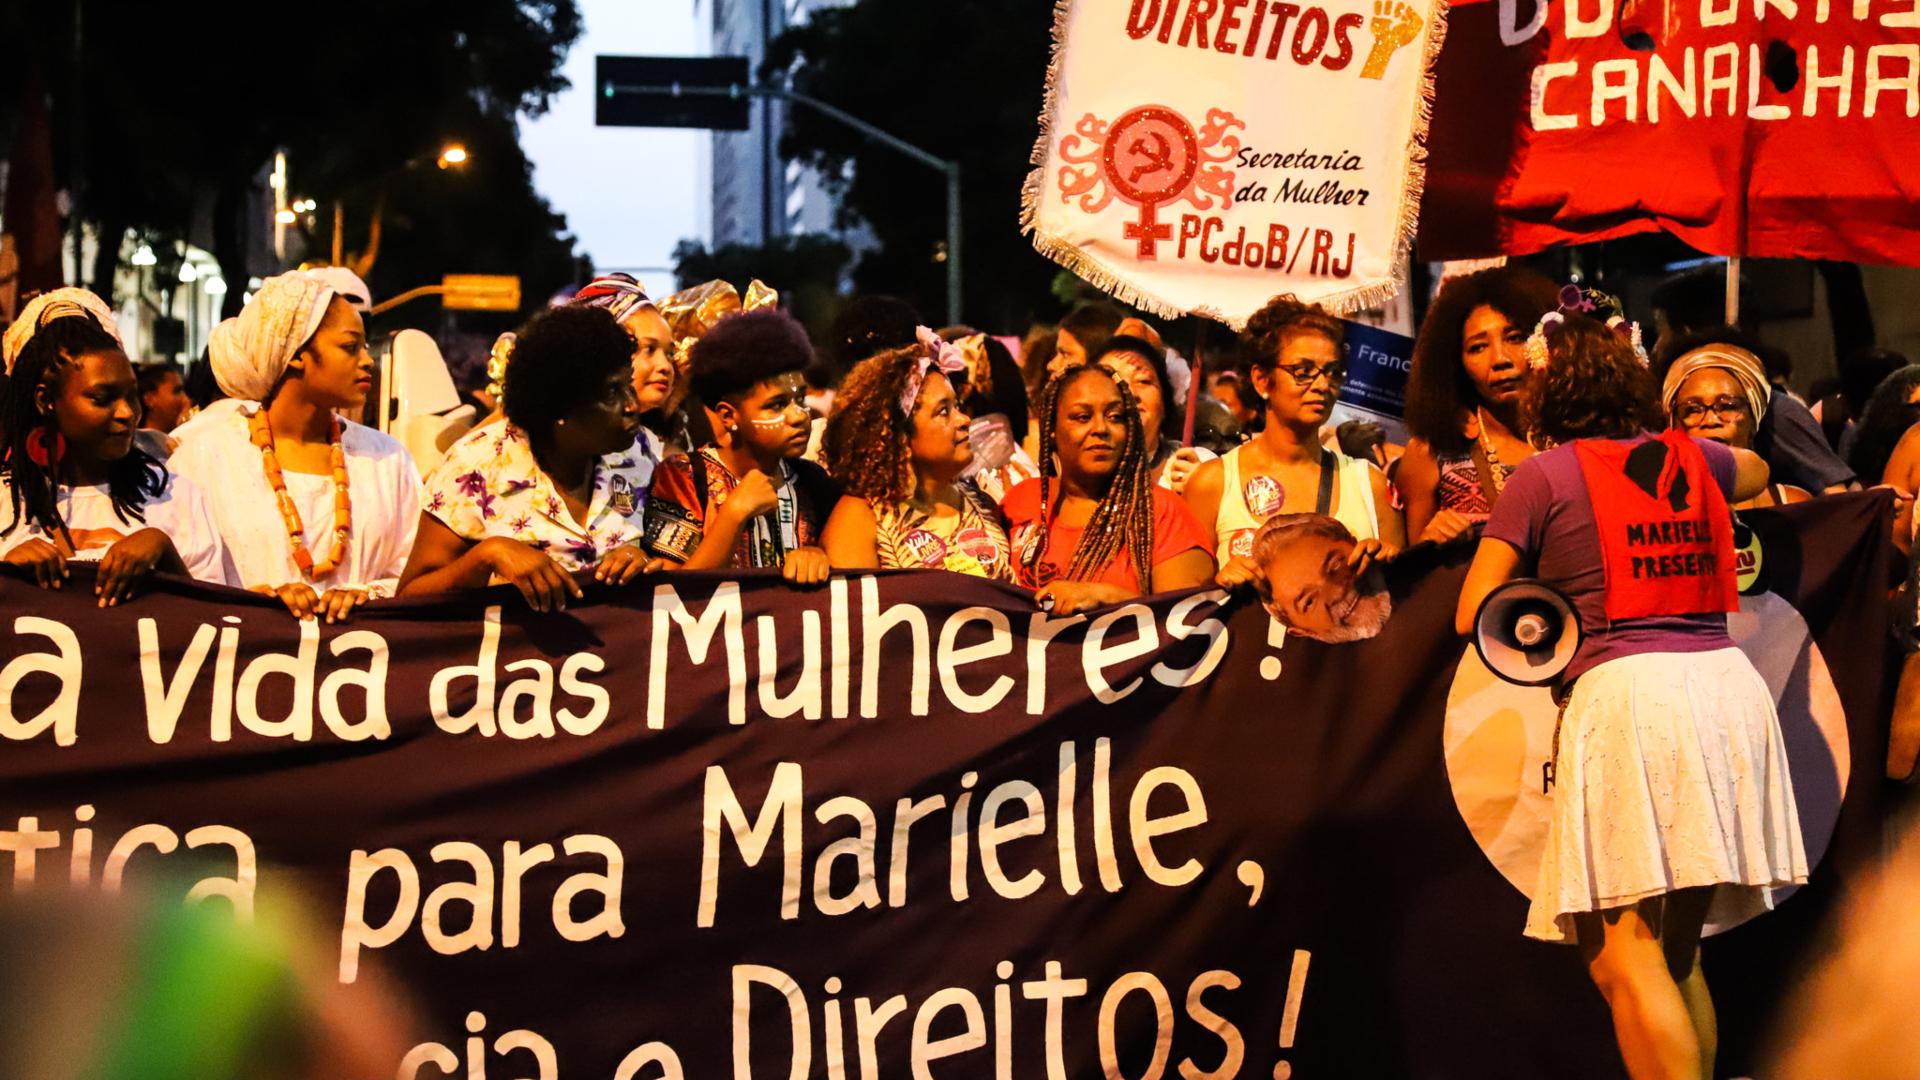 Activistas y organizaciones por los derechos de las mujeres marcharon la semana pasada en la ciudad de Río de Janeiro pidiendo justicia para Marielle Franco, una política negra, gay y feminista cuyo asesinato se ha transformado en un grito de guerra en la mitad de una nación de manera profunda polarizada. (Credit María Magdalena Arrellaga para The New York Times)